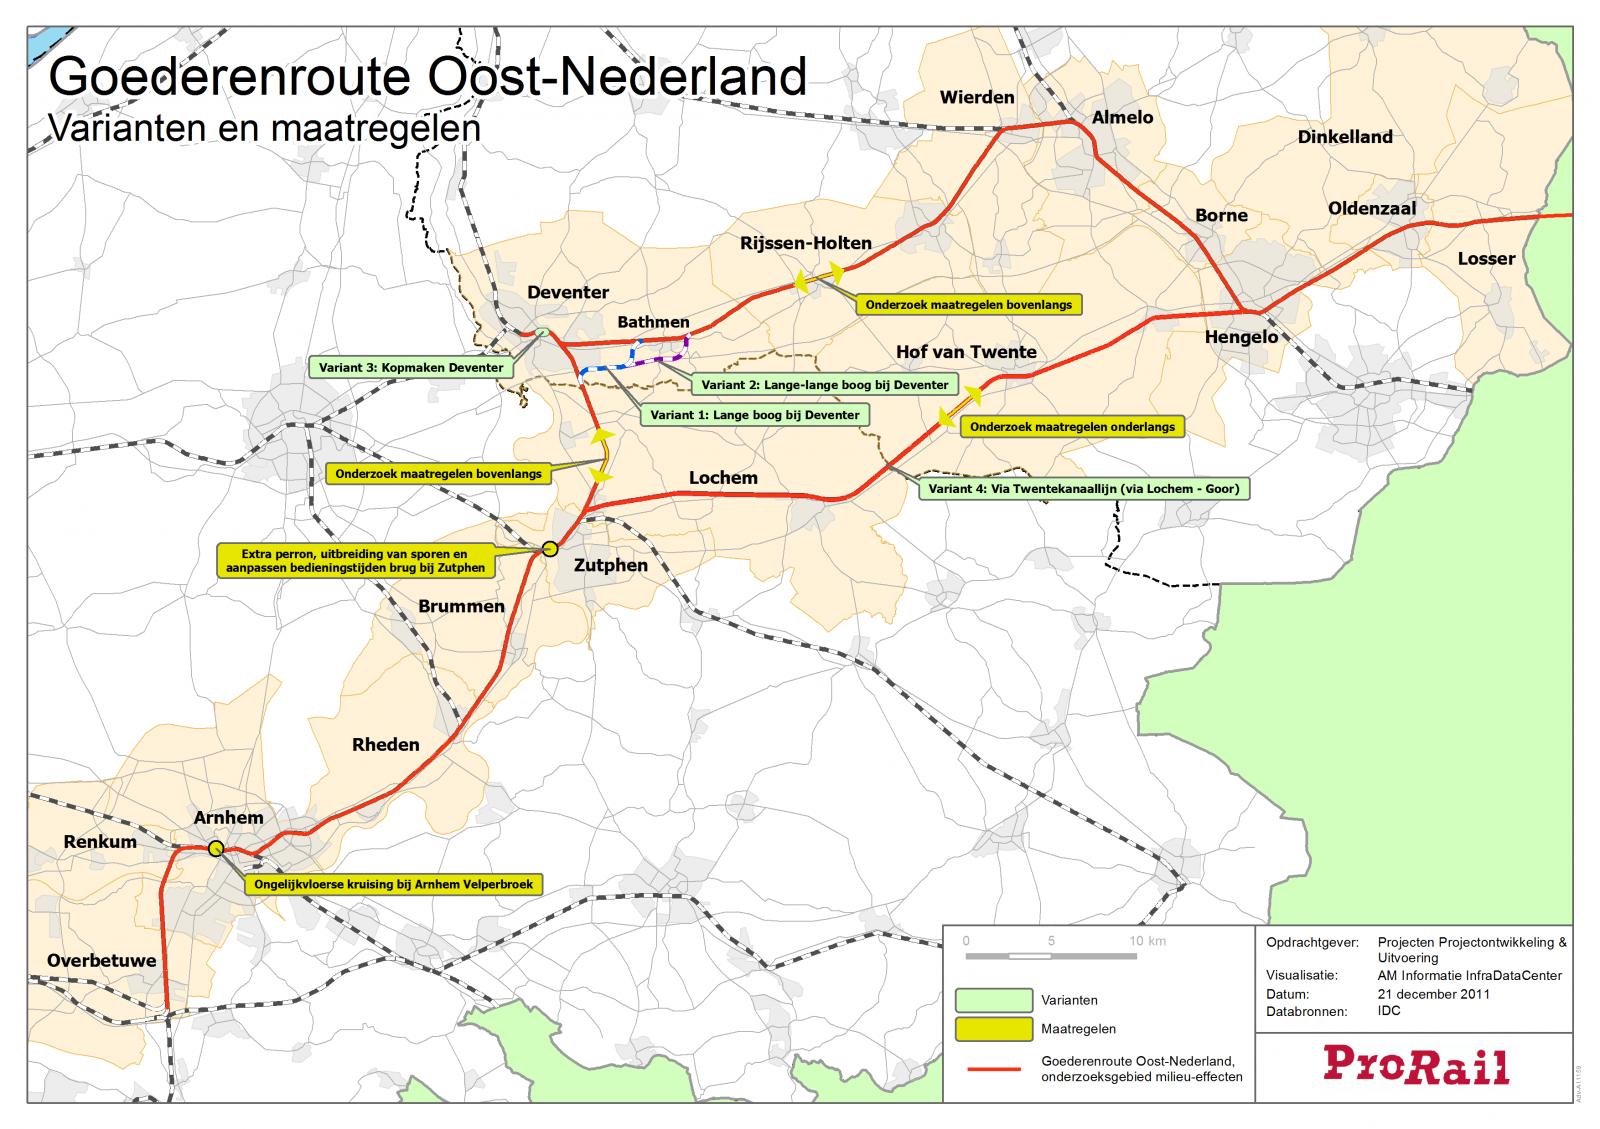 'Beslissing over goederentreinen door Delden half jaar uitgesteld'